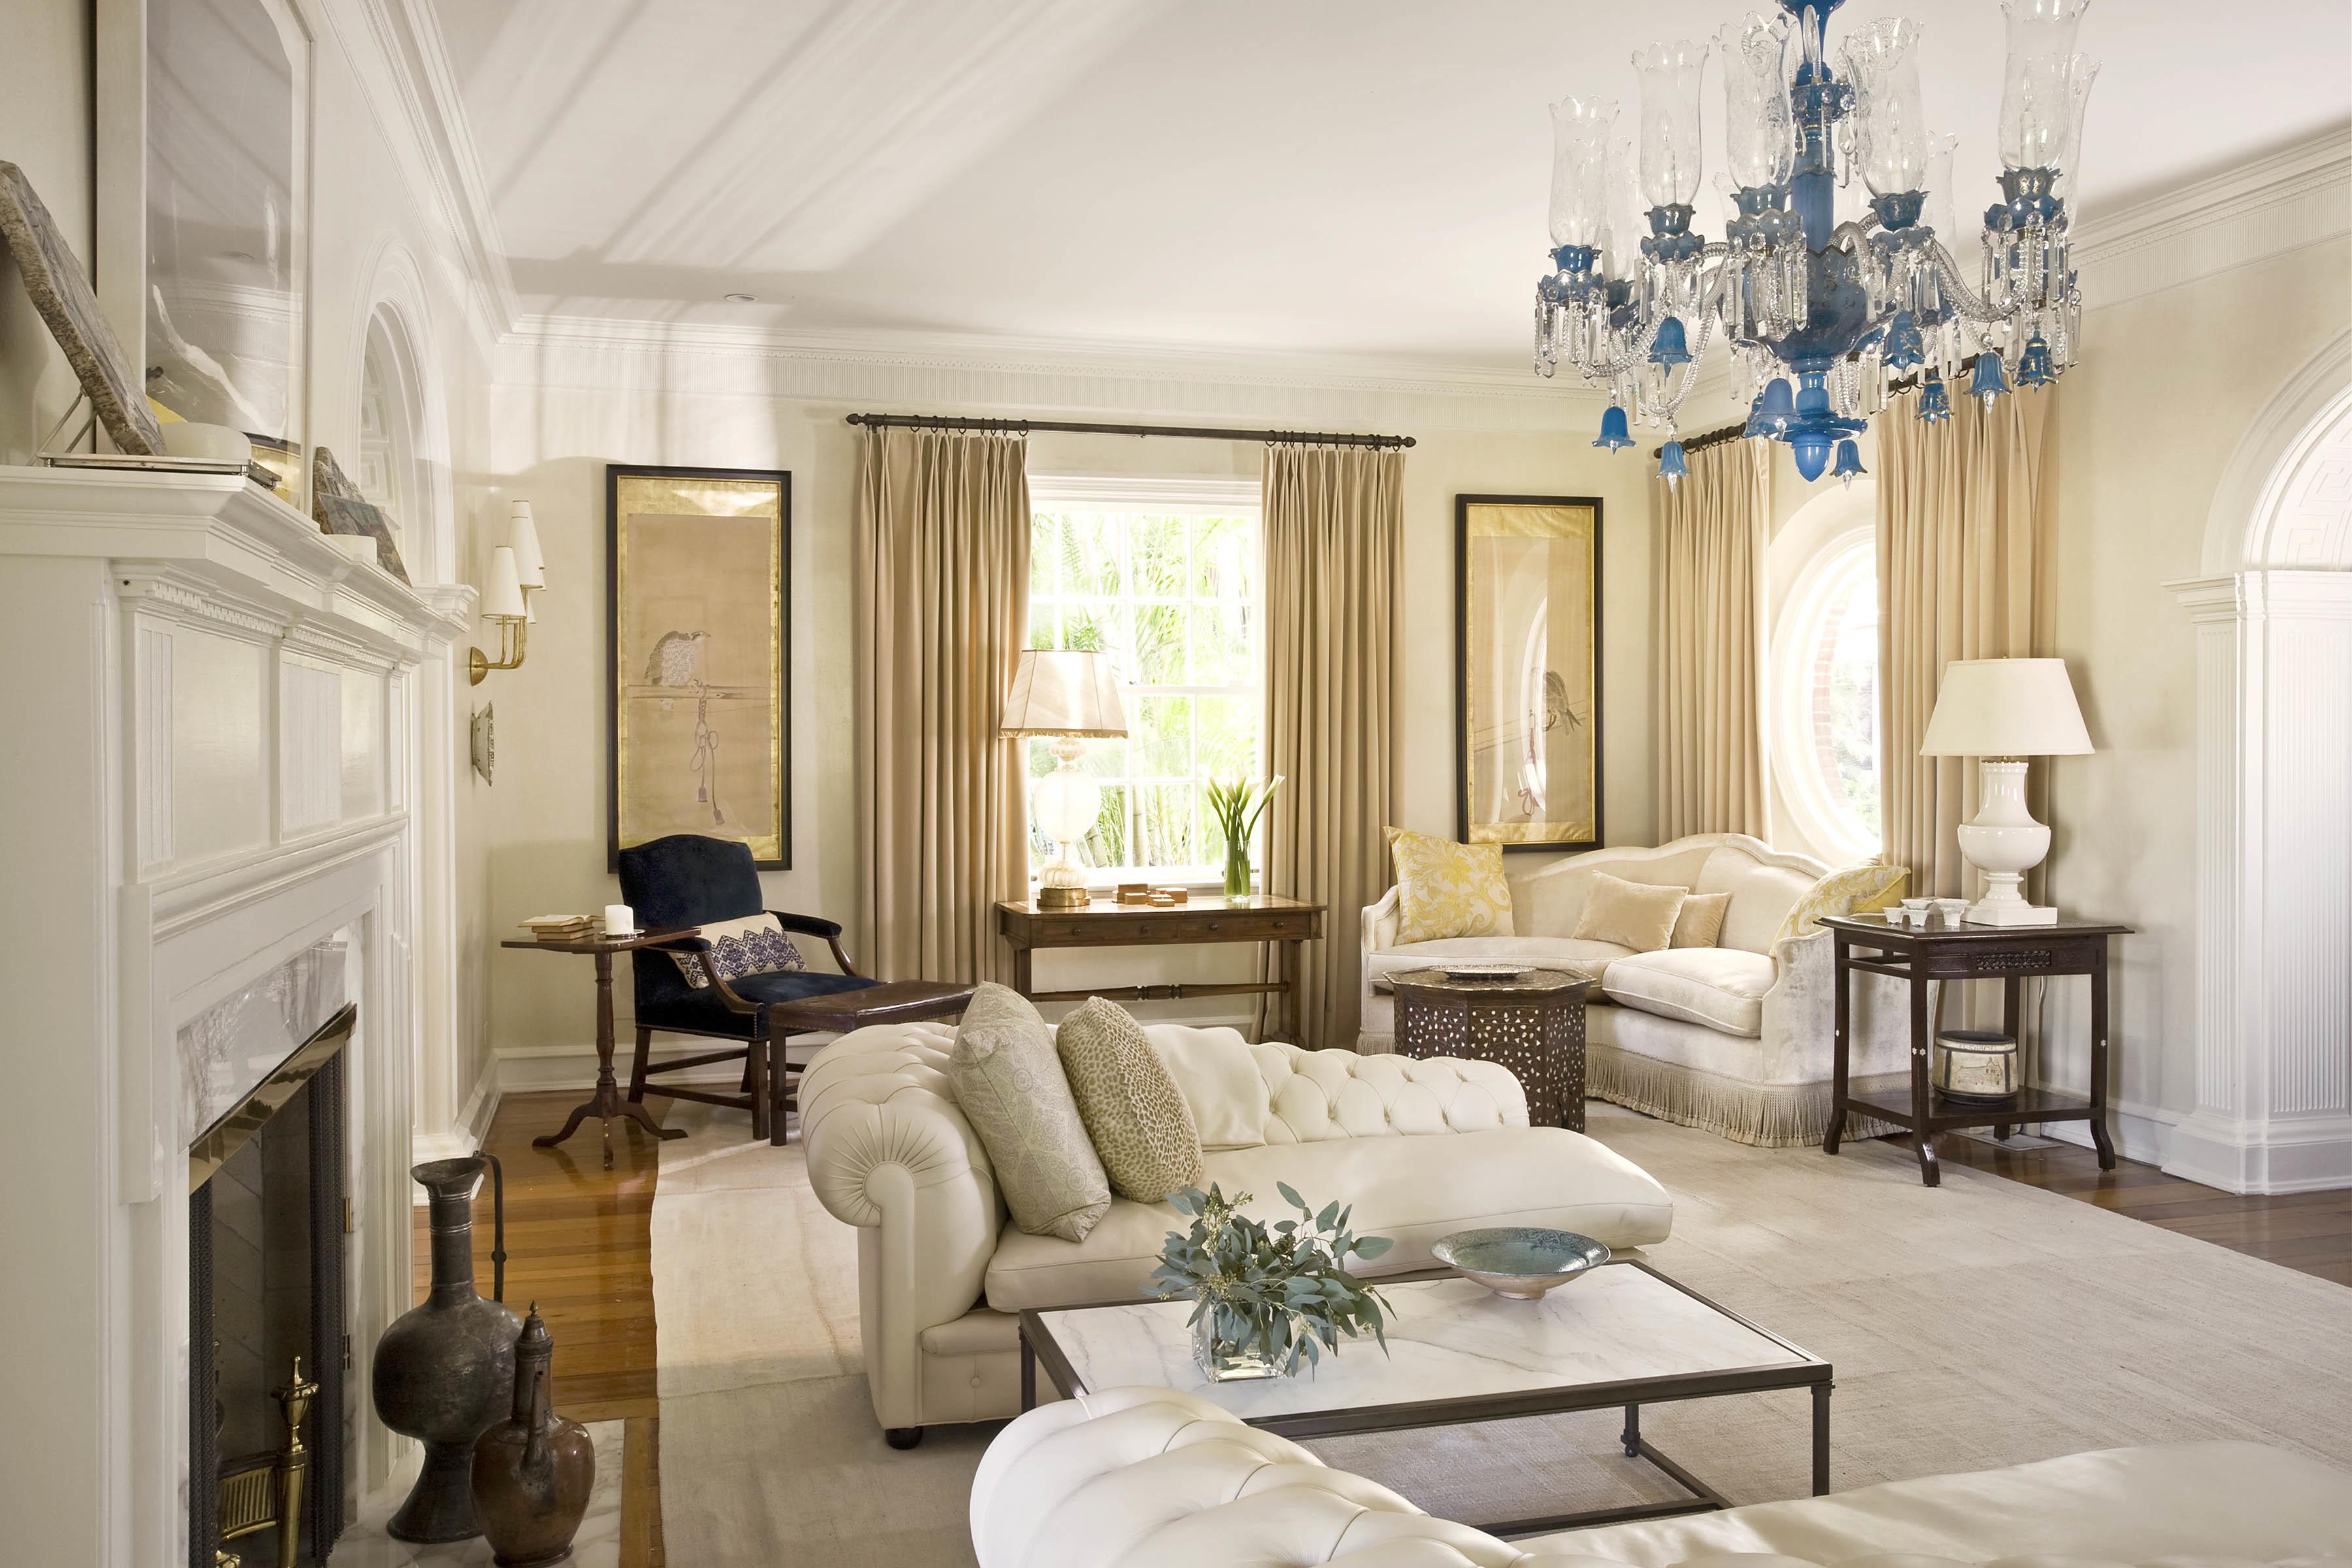 Стиль гостинная диван светлая  № 87459 бесплатно